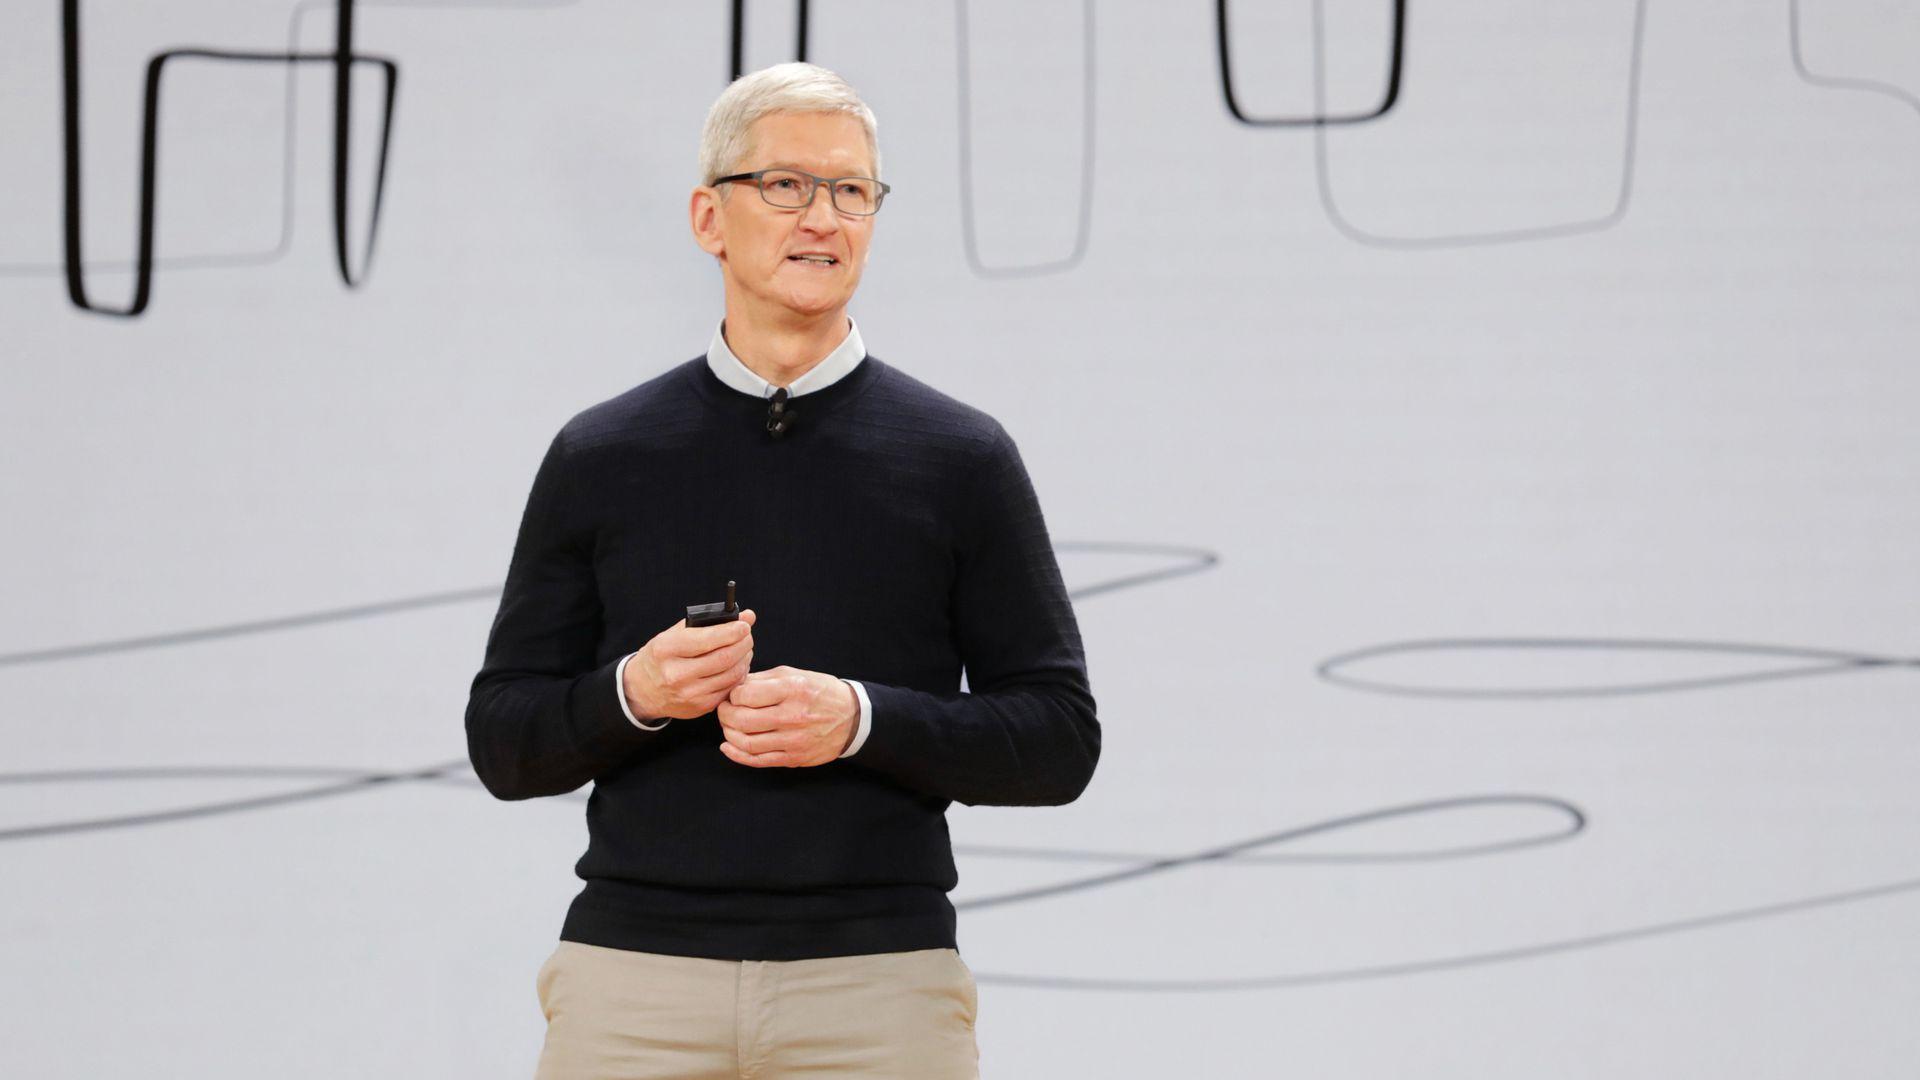 Apple travaillerait sur un casque de réalité virtuelle et augmentée